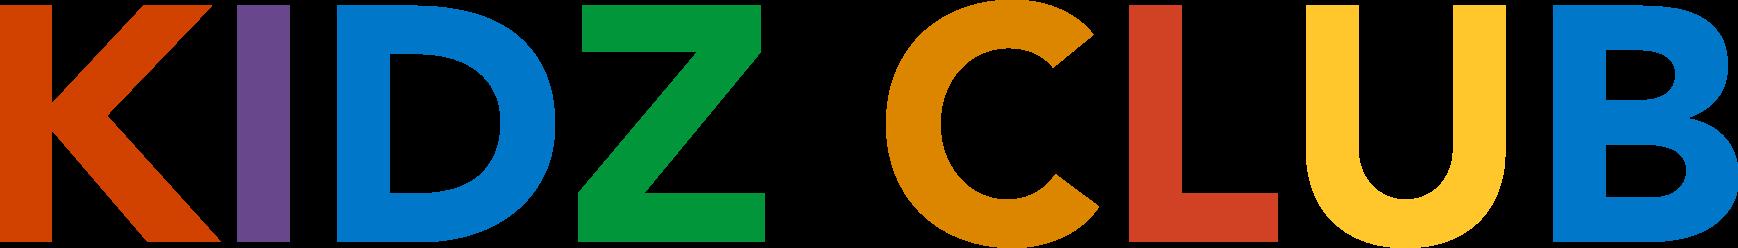 Click on logo to download hi-res 300 dpi eps file